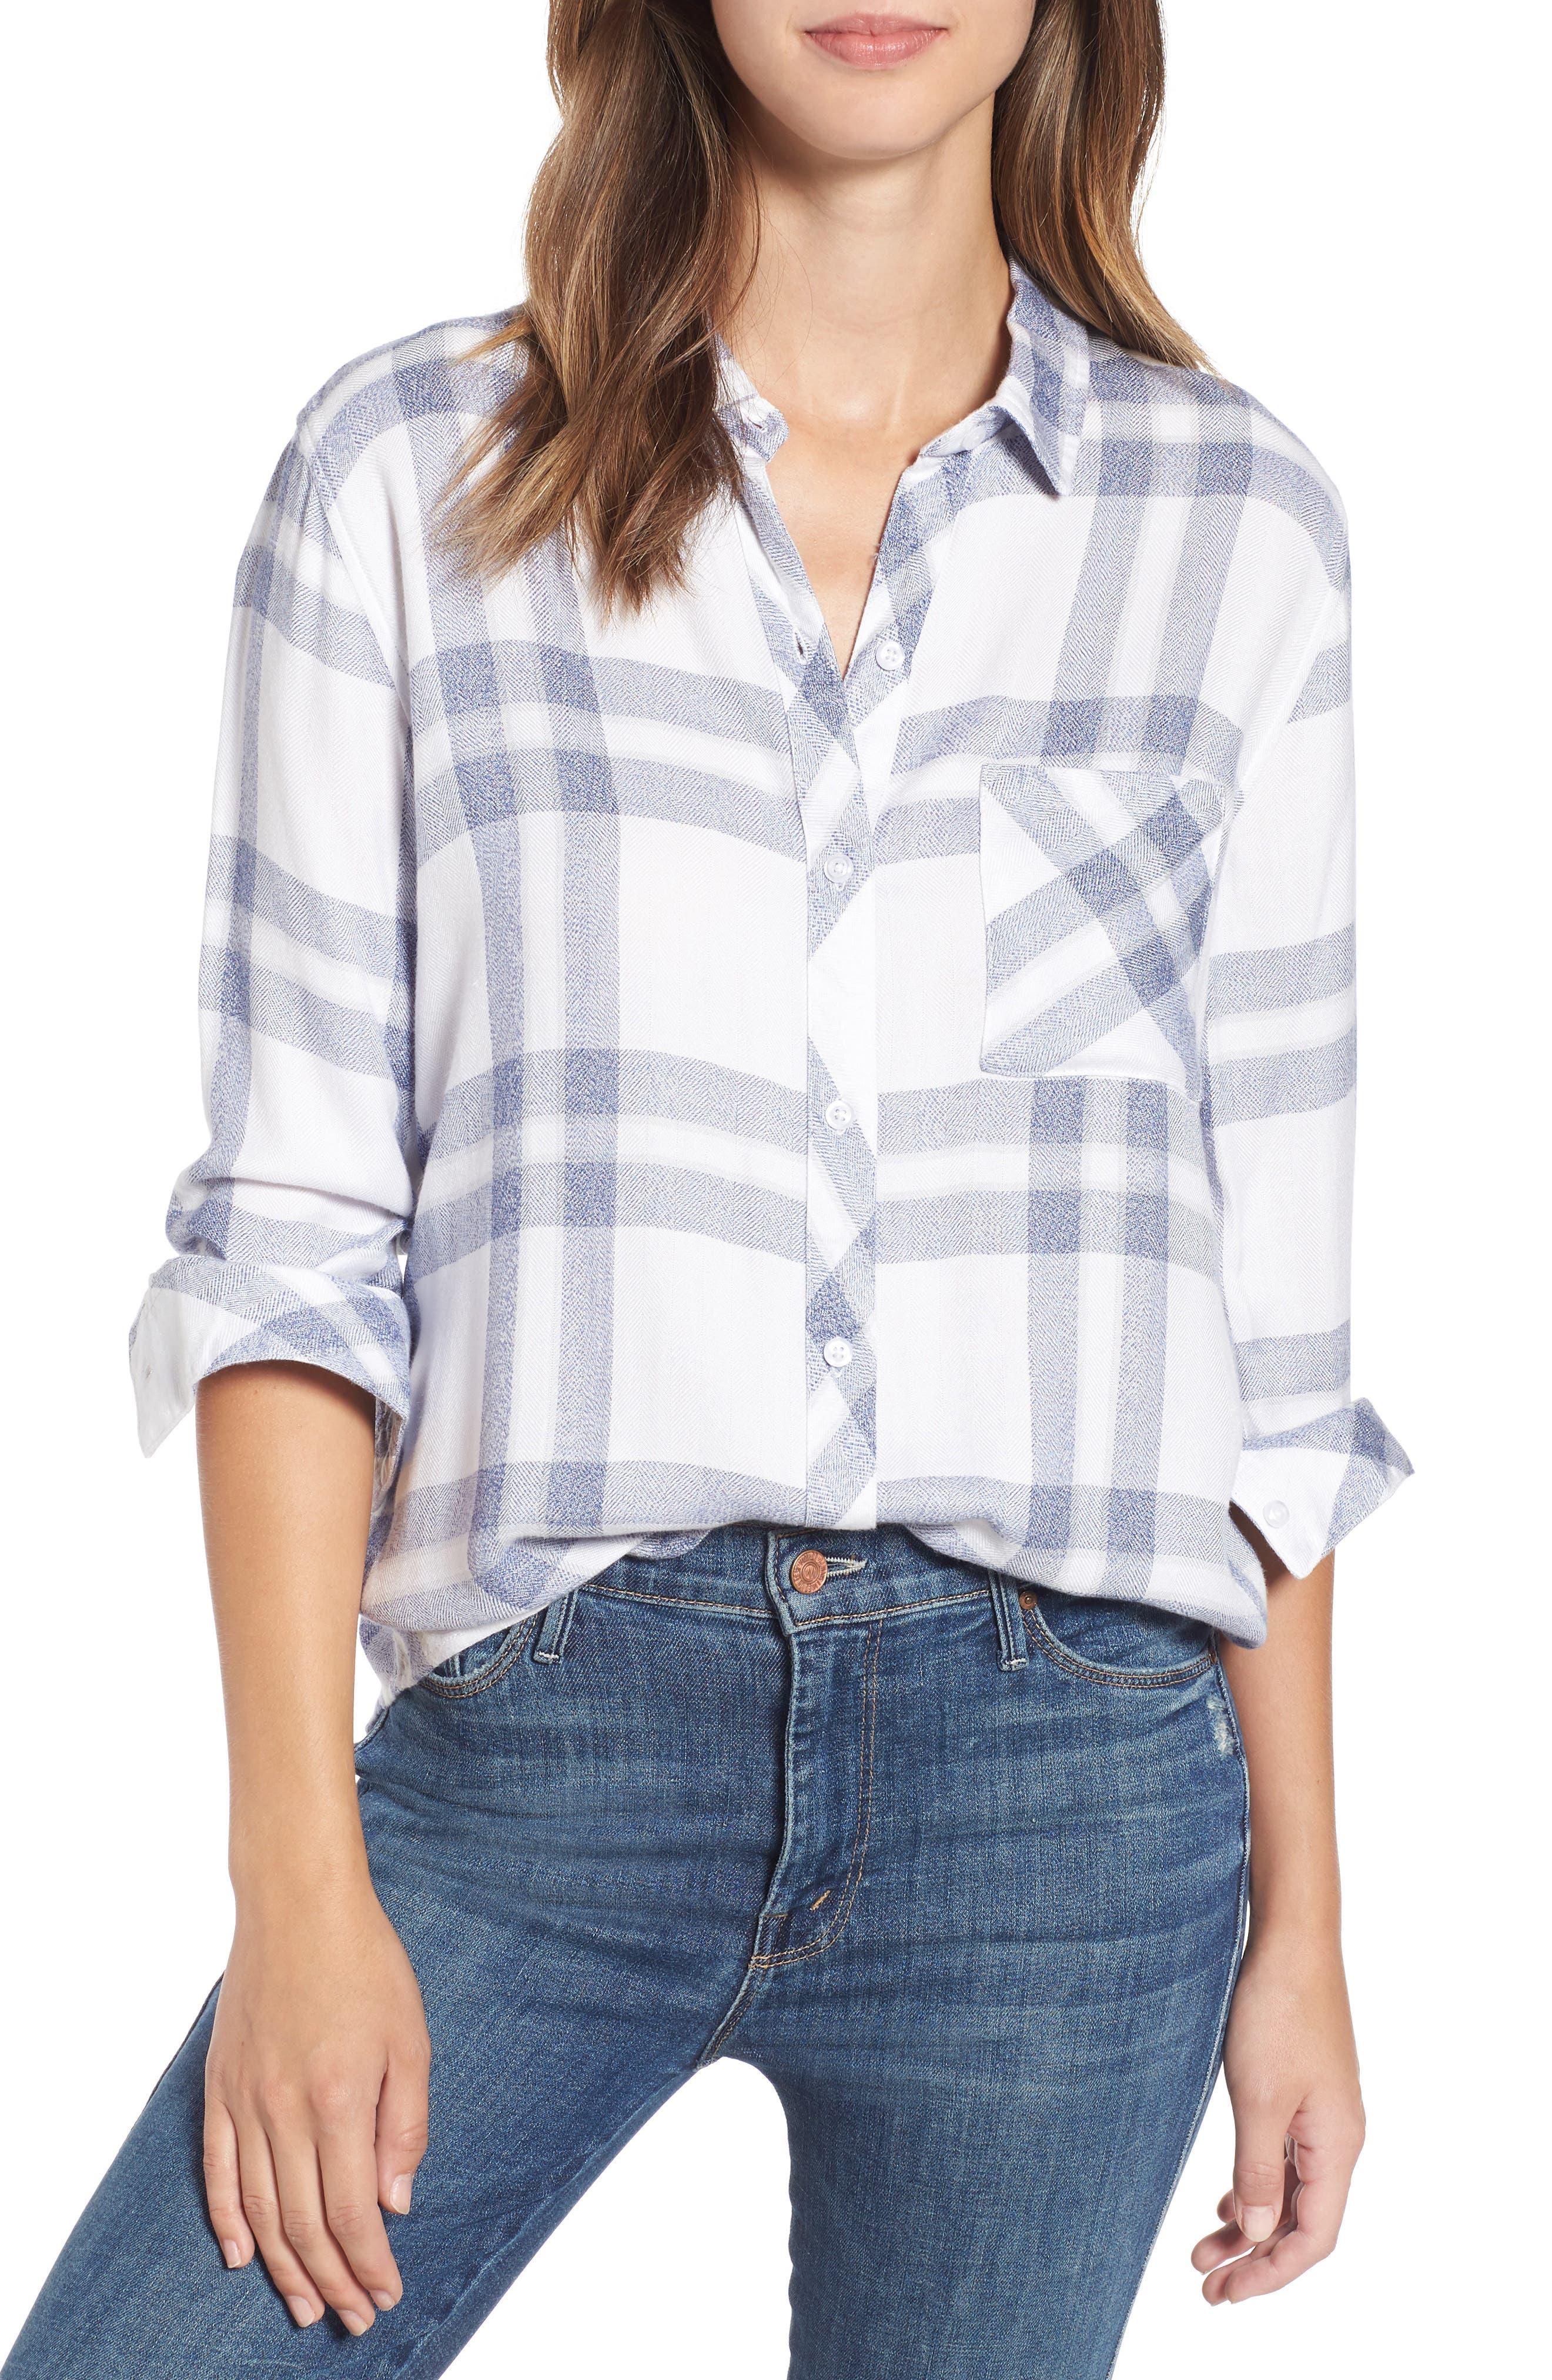 Hunter Plaid Shirt,                             Main thumbnail 1, color,                             Riverstone White